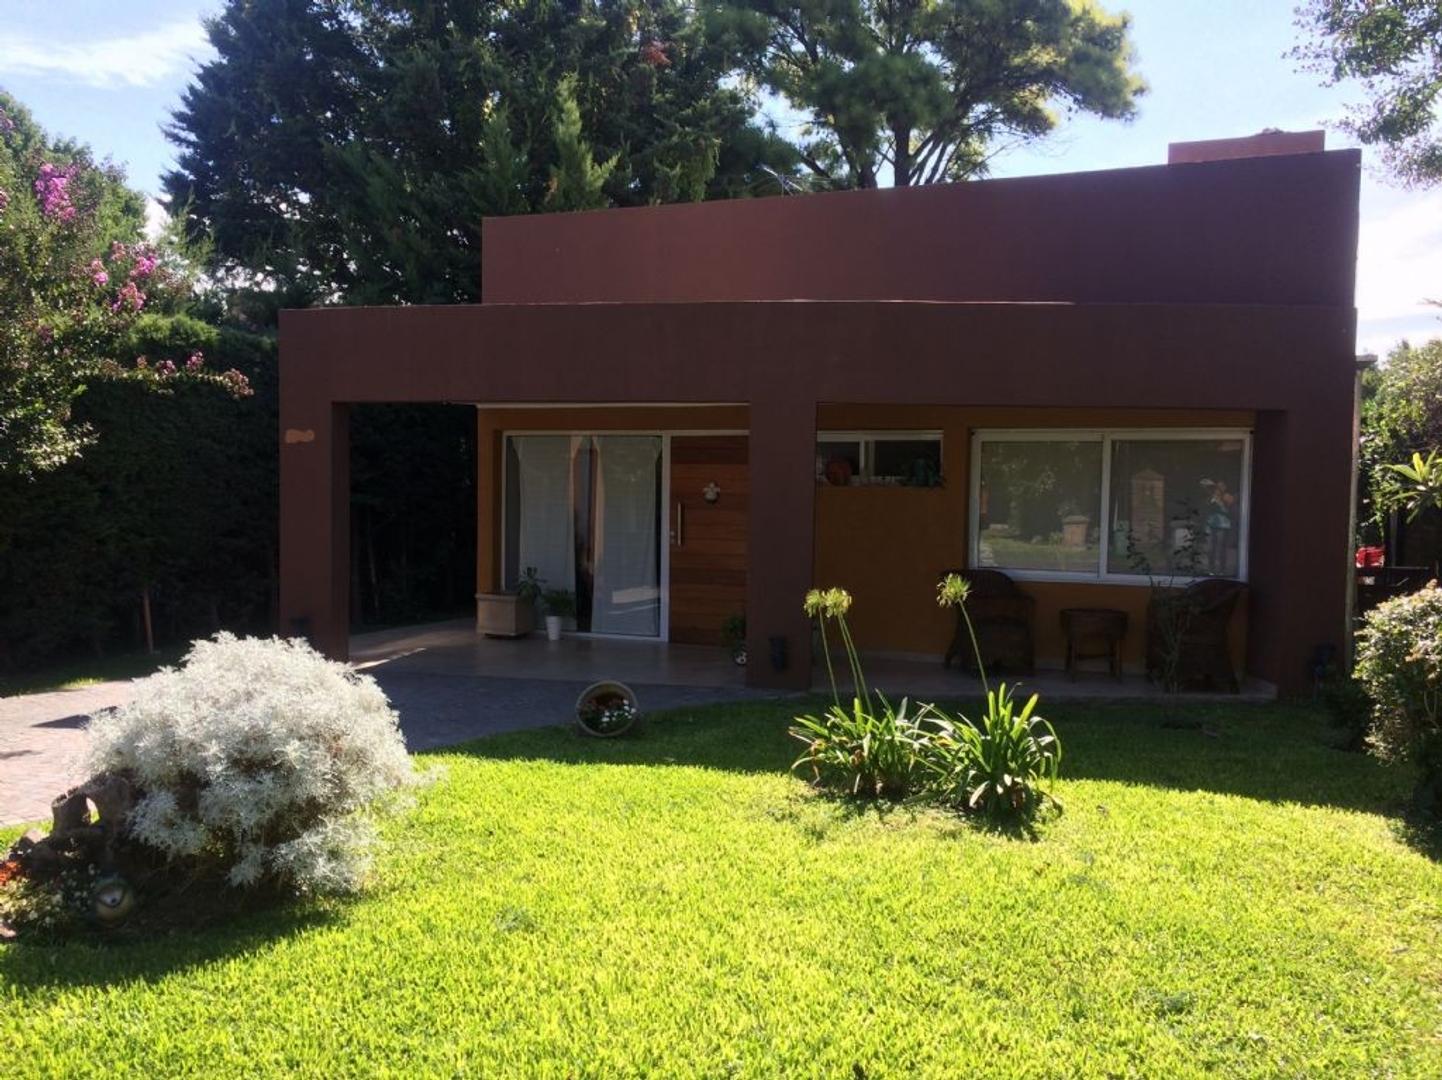 Casa  en Venta  C.C. Banco Provincia, Zona Oeste - OES0866_LP117867_1